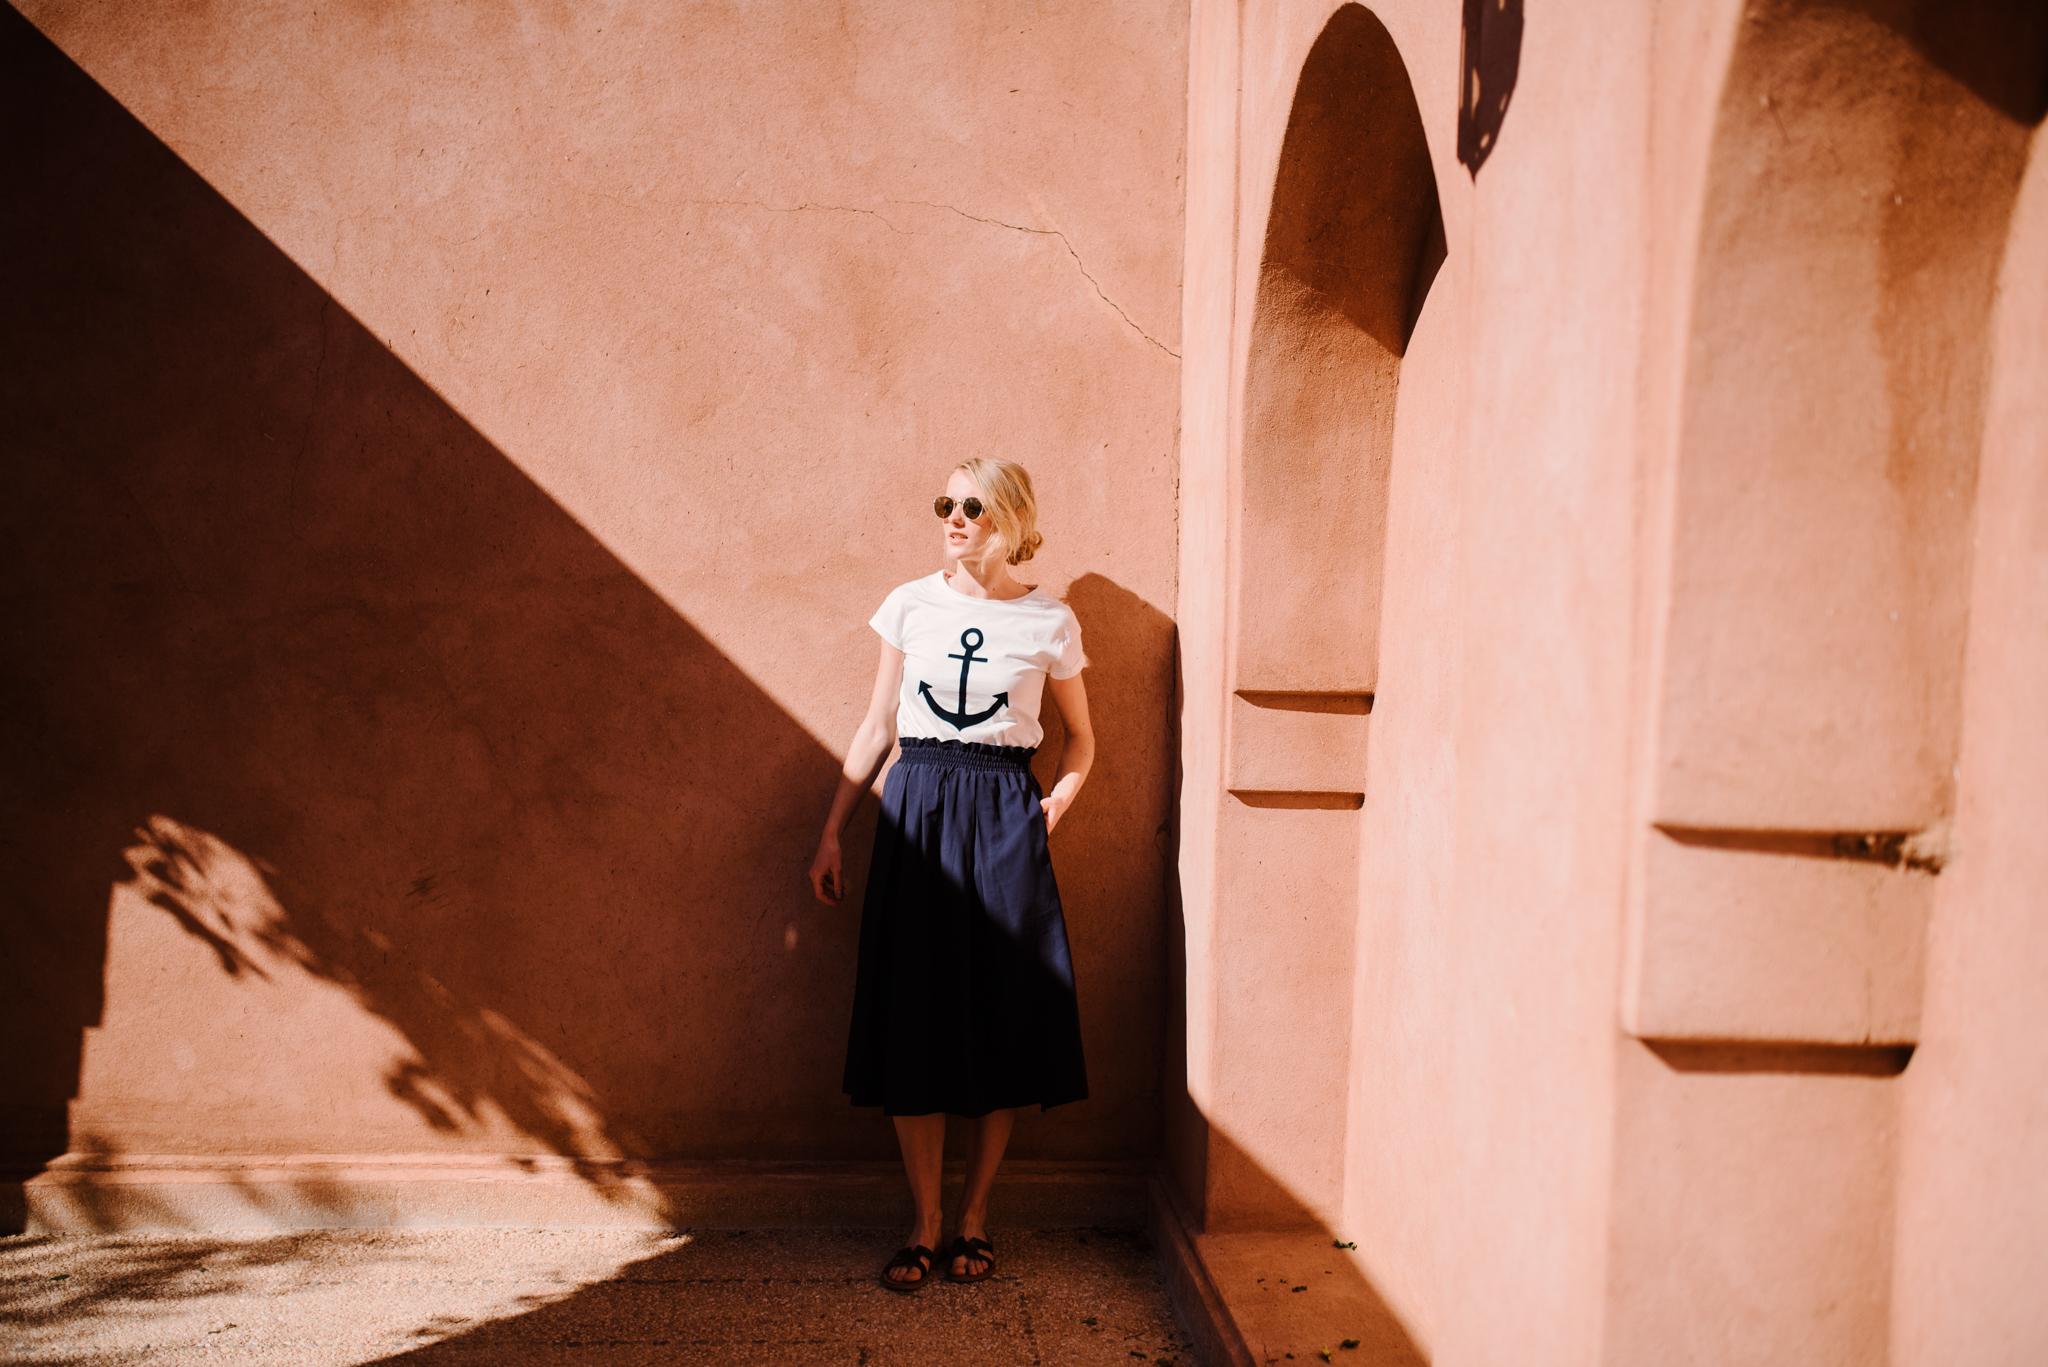 Anoukfotografeert Marokko reis-224